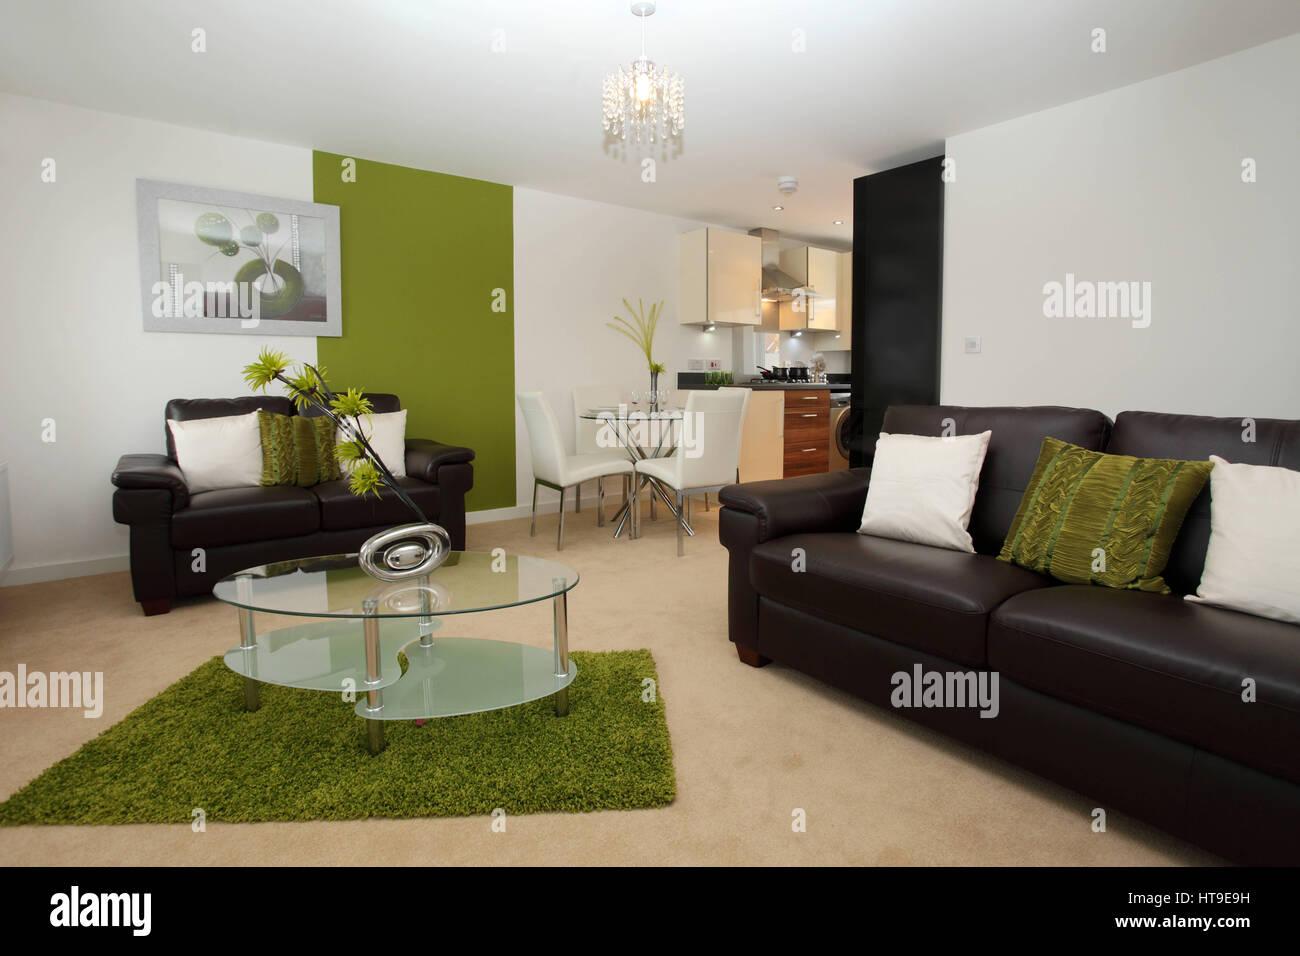 Wohnung Interieur, Moderne Lounge/Küche/Esszimmer, Wohnzimmer, Raum,  Essbereich, Grünen Teppich, Couchtisch Aus Glas,